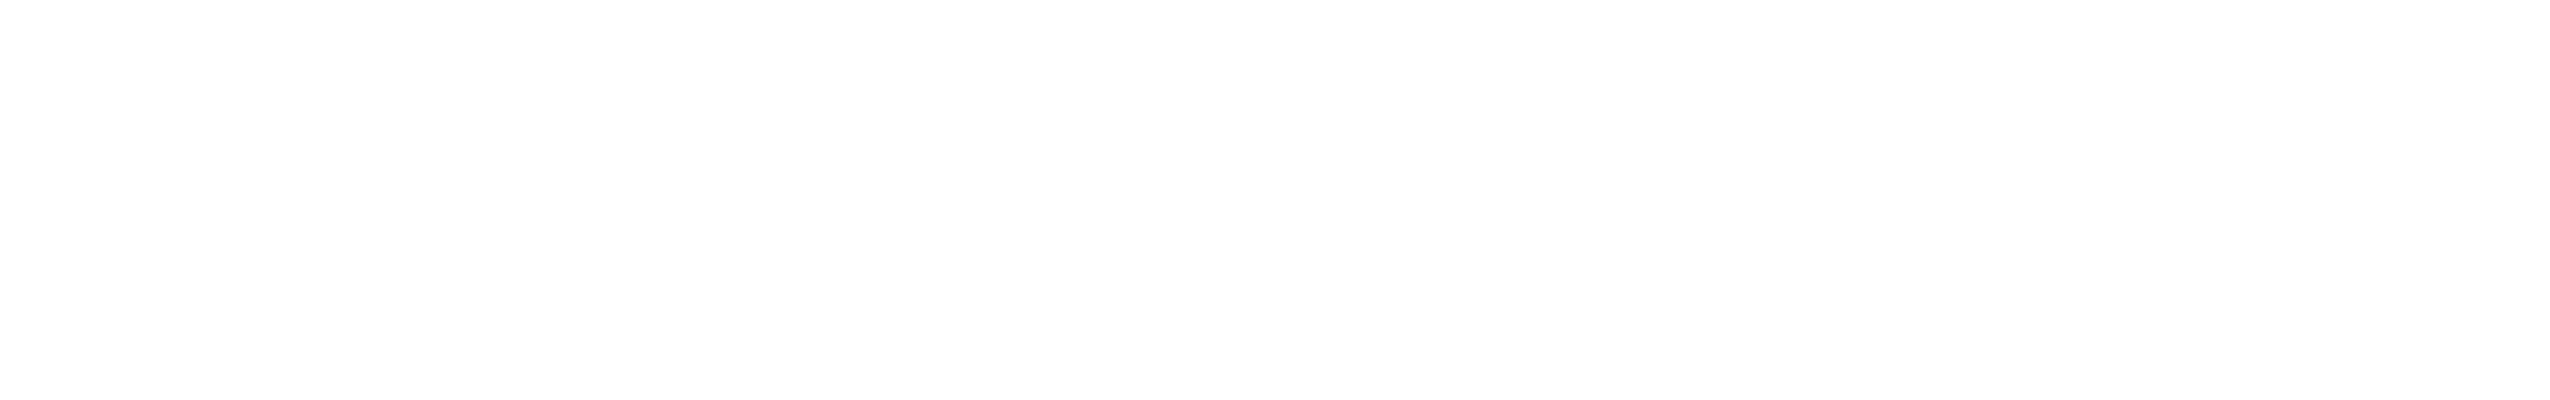 Paco Osuna Label